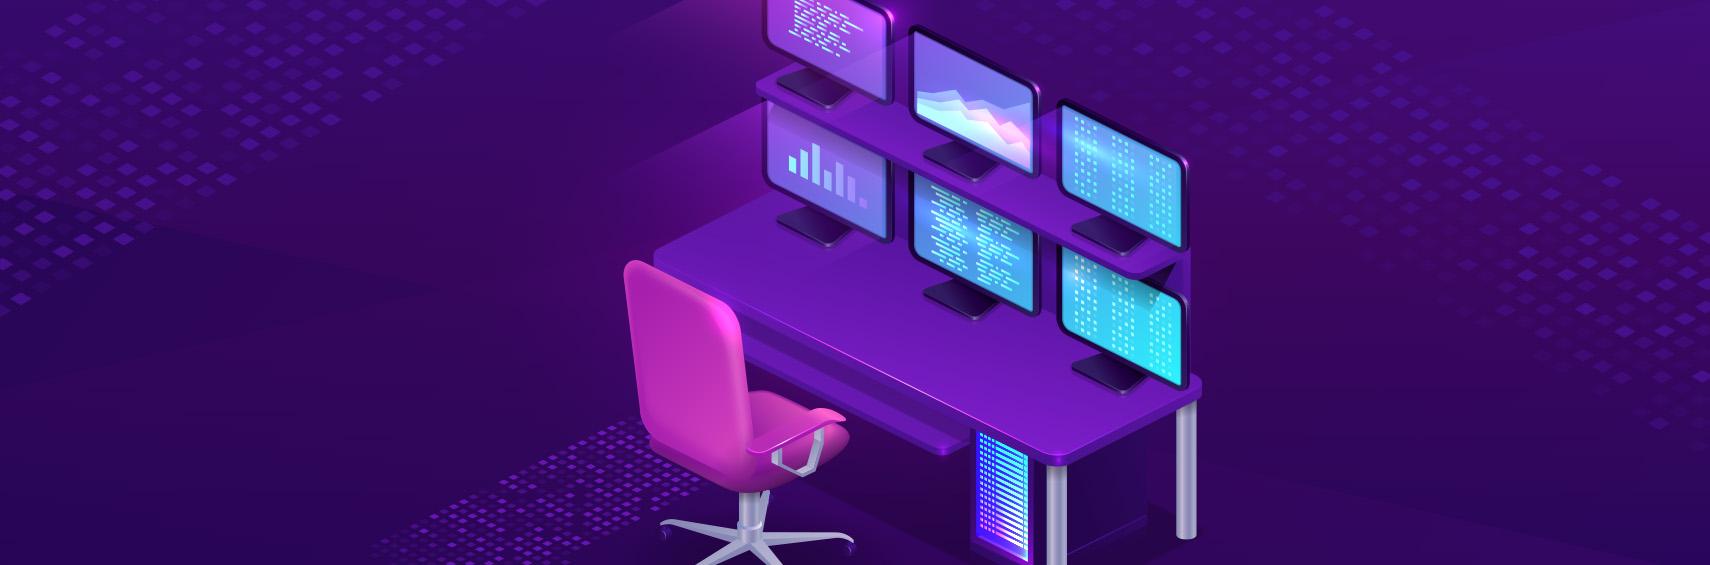 Цифровое решение для дистанционного сбора данных и контроля различного технологического оборудования